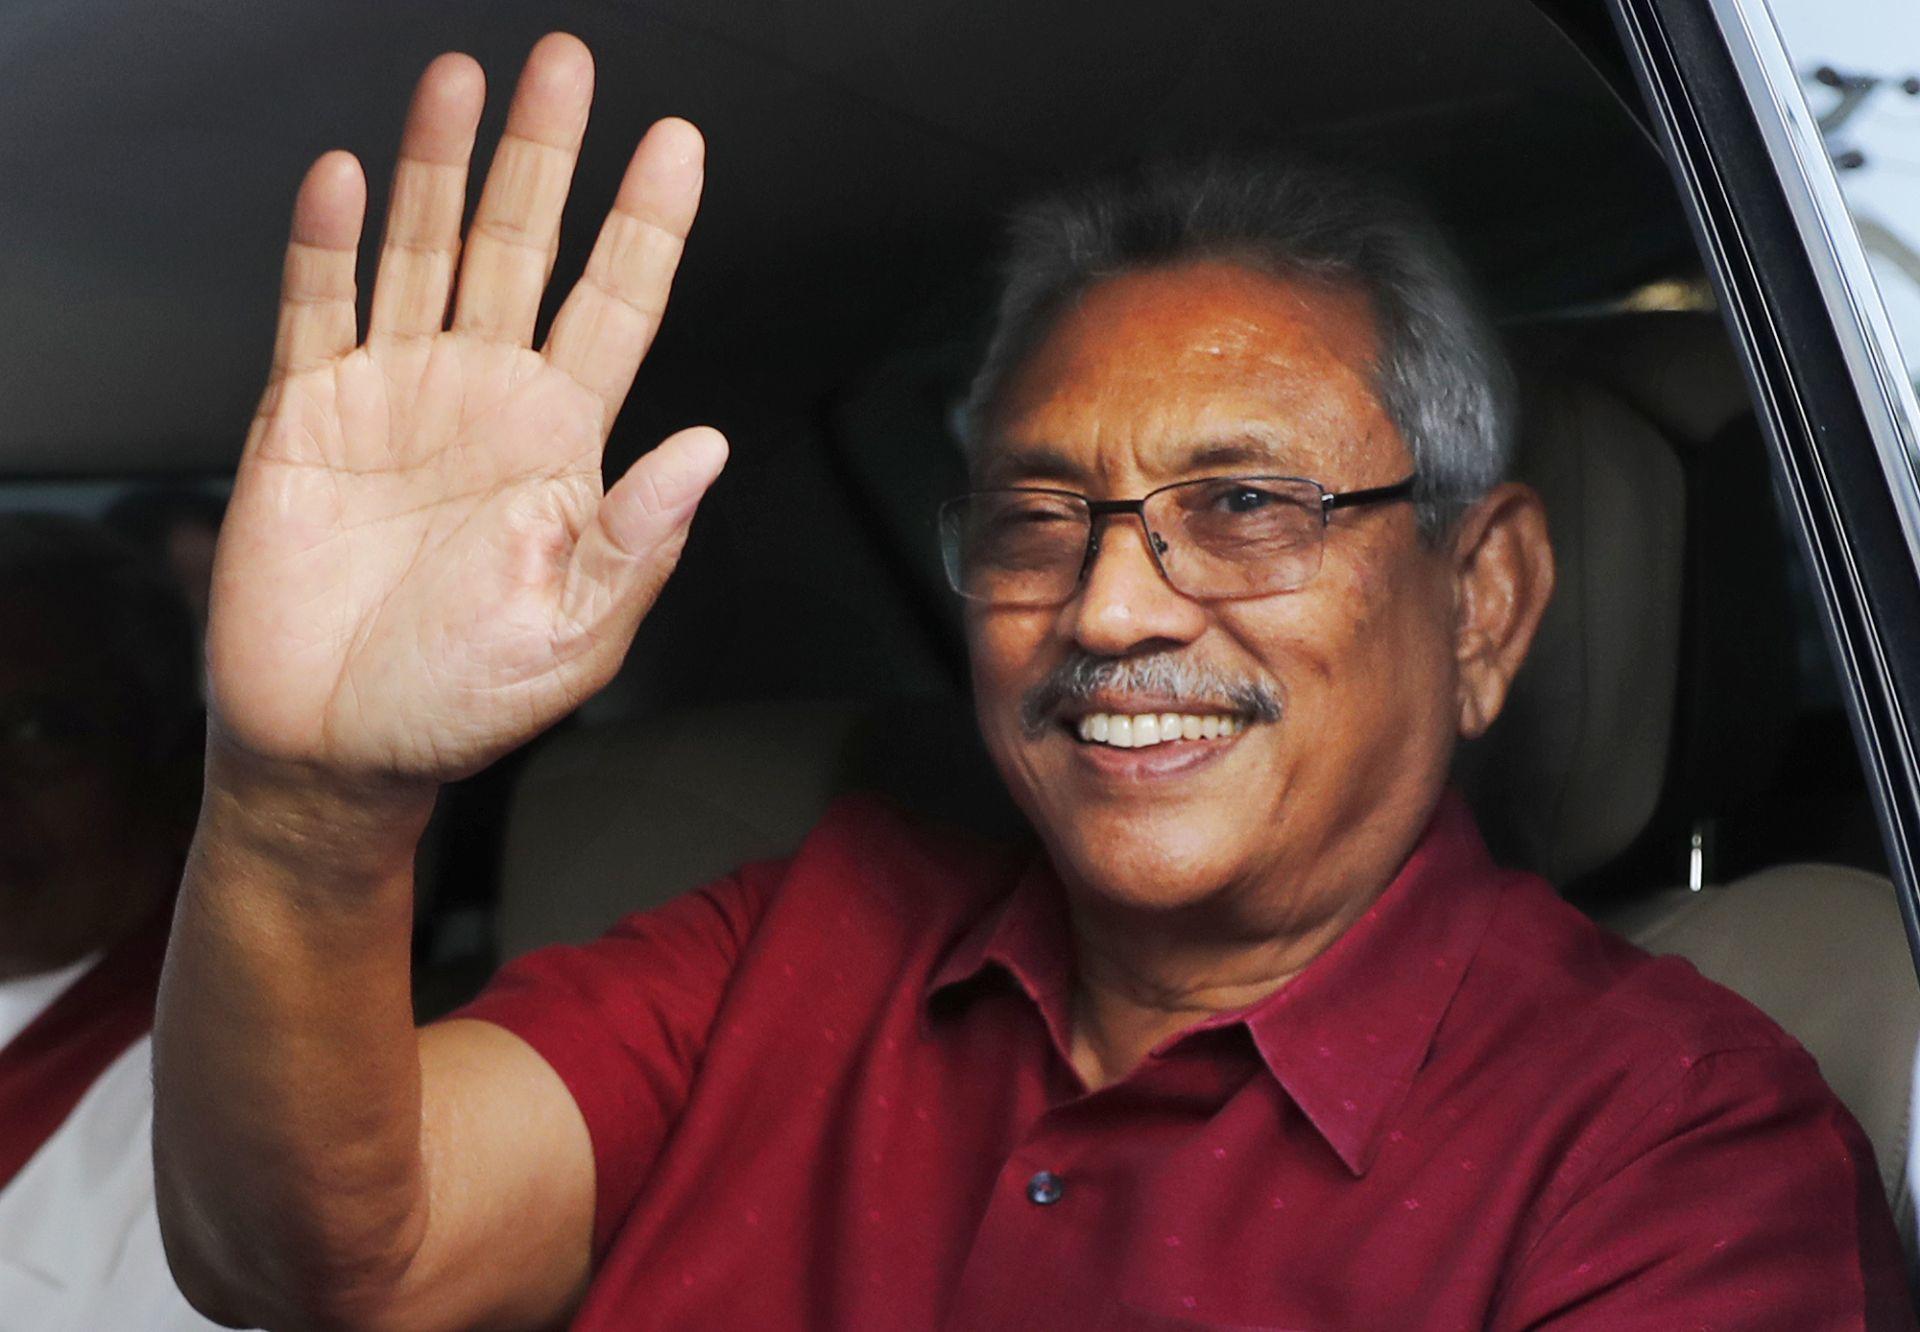 श्रीलंका : पूर्व रक्षा मंत्री गौतबाया राजपक्षे नए राष्ट्रपति चुने गए, सोमवार को शपथ लेंगे